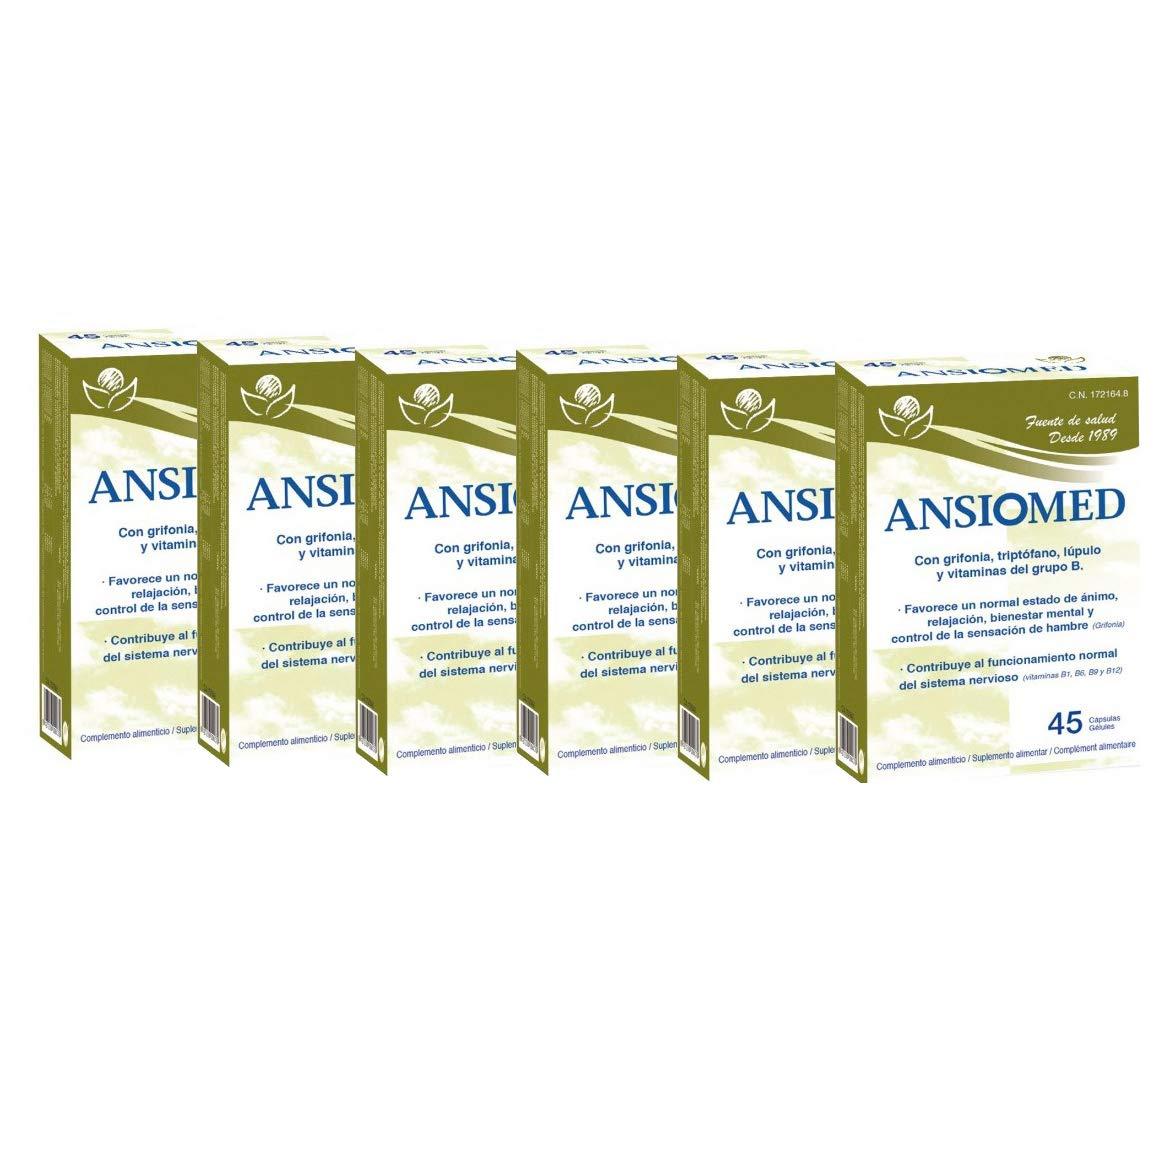 ANSIOMED - BIOSERUM - 6 UNIDADES (270 CÁPS) - ANSIOMED 45 CÁPSULAS - BIOSERUM (6): Amazon.es: Salud y cuidado personal